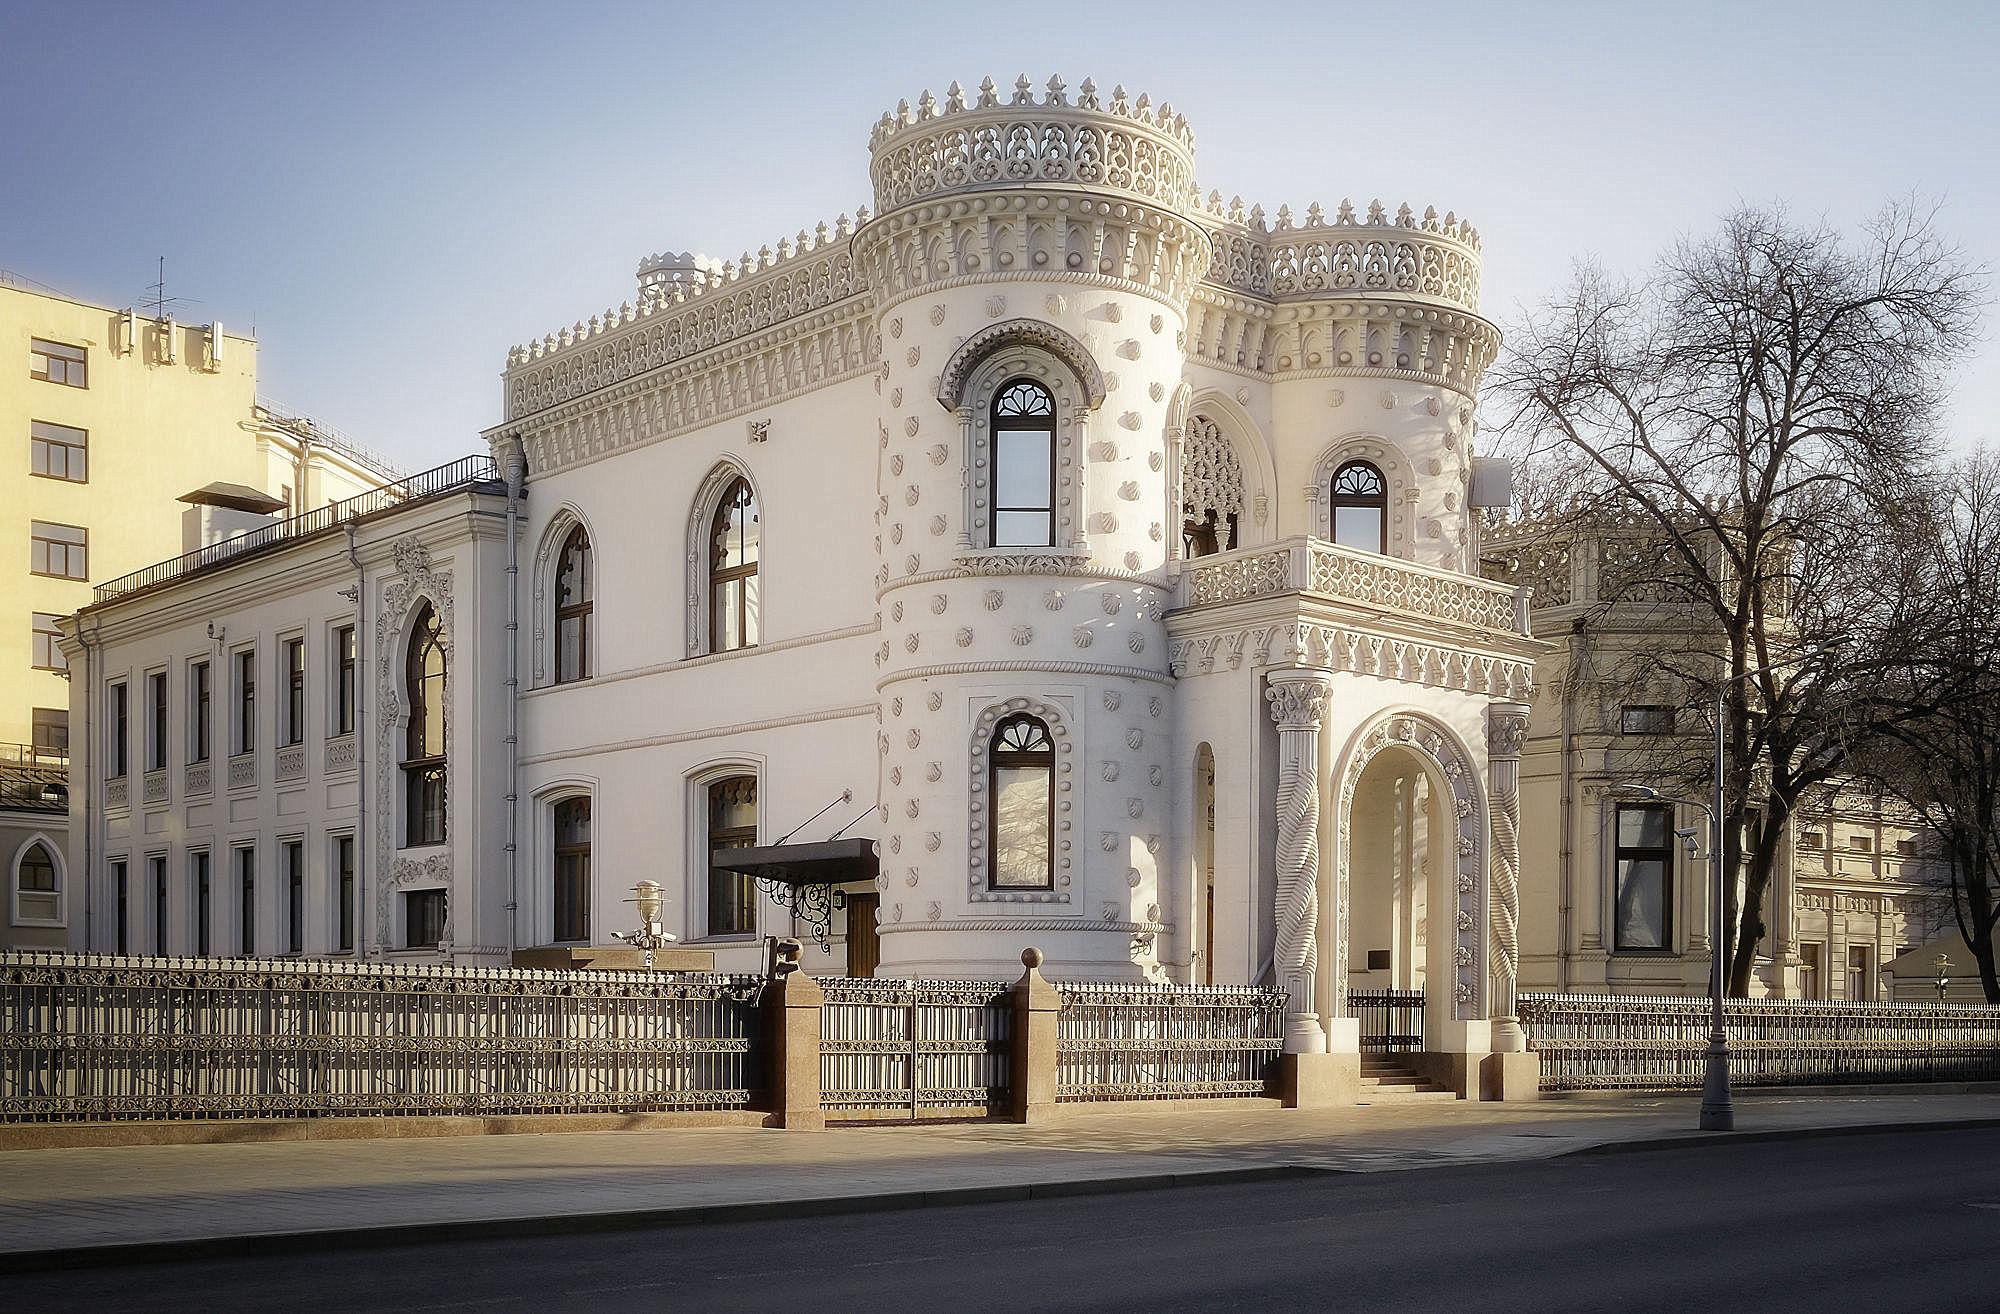 Palacete de Arsénio Morozov